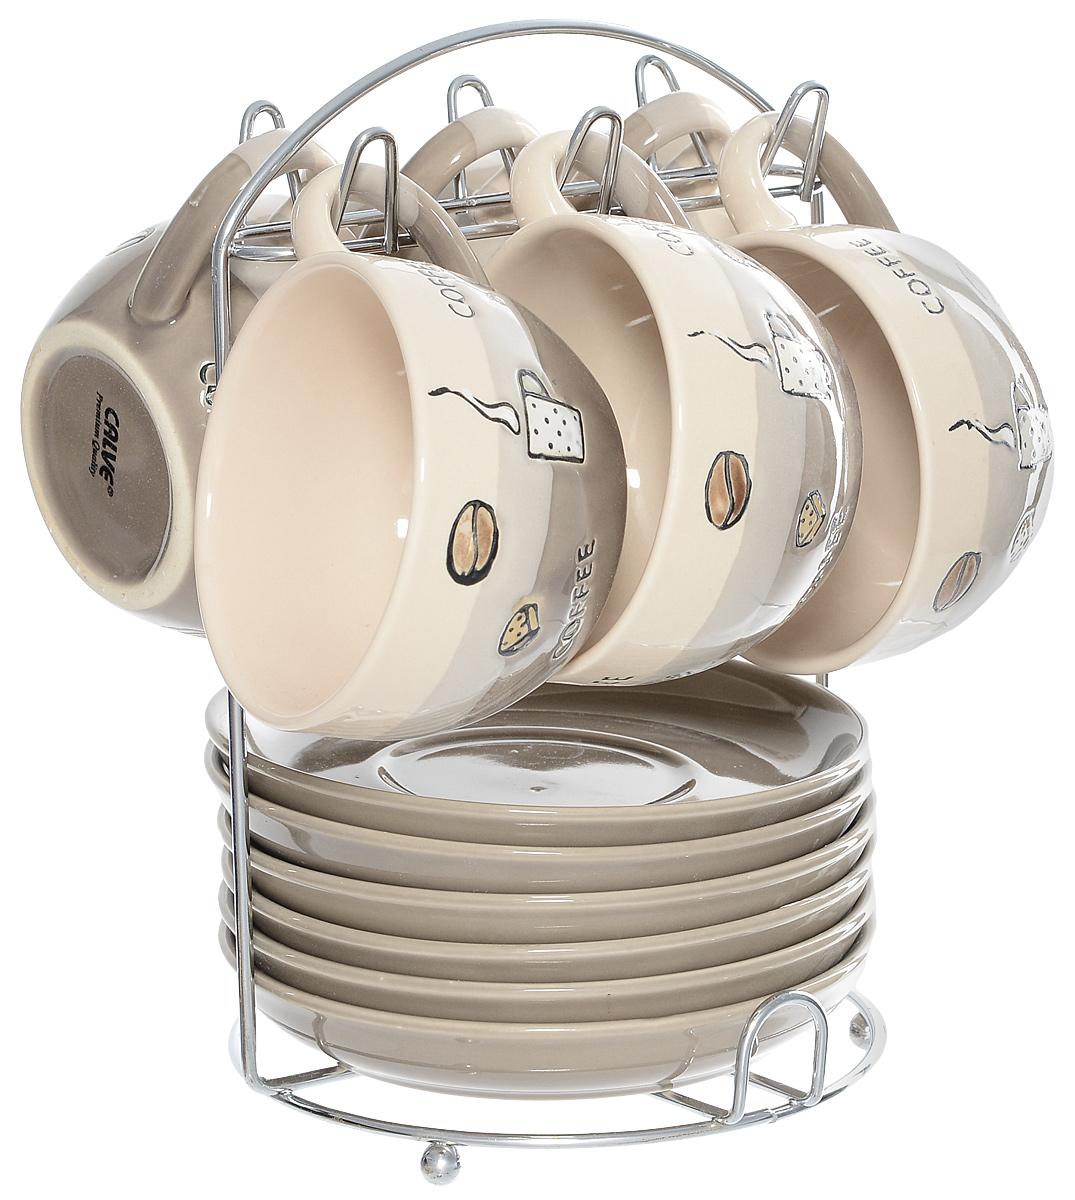 Набор чайный Calve. Кофе, на подставке, 13 предметовCL-2022Набор Calve. Кофе состоит из шести чашек и шести блюдец, изготовленных из высококачественной керамики. Чашки оформлены стильным рисунком и надписями. Изделия расположены на металлической подставке. Такой набор подходит для подачи чая или кофе.Изящный дизайн придется по вкусу и ценителям классики, и тем, кто предпочитает утонченность и изысканность. Он настроит на позитивный лад и подарит хорошее настроение с самого утра. Чайный набор Calve. Кофе - идеальный и необходимый подарок для вашего дома и для ваших друзей в праздники.Можно мыть в посудомоечной машине. Объем чашки: 220 мл. Диаметр чашки (по верхнему краю): 9,5 см. Высота чашки: 6,3 см. Диаметр блюдца: 14,5 см. Высота блюдца: 2,3 см.Размер подставки: 16,5 х 16 х 22,5 см.